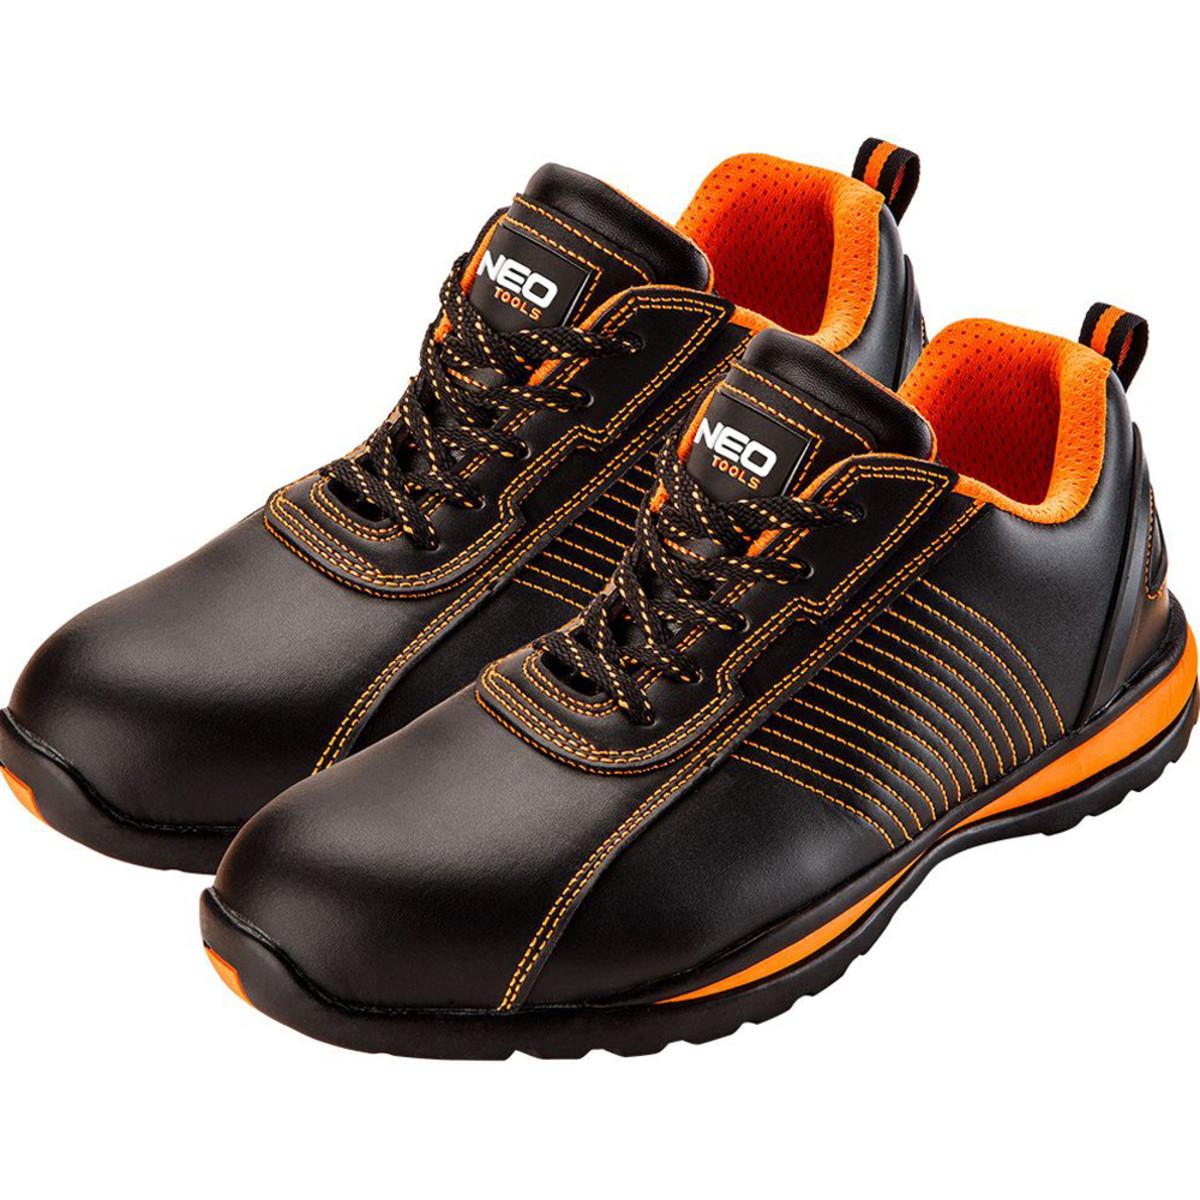 Кроссовки рабочие Neo р-р 43 черно-оранжевые SB стальной подносок